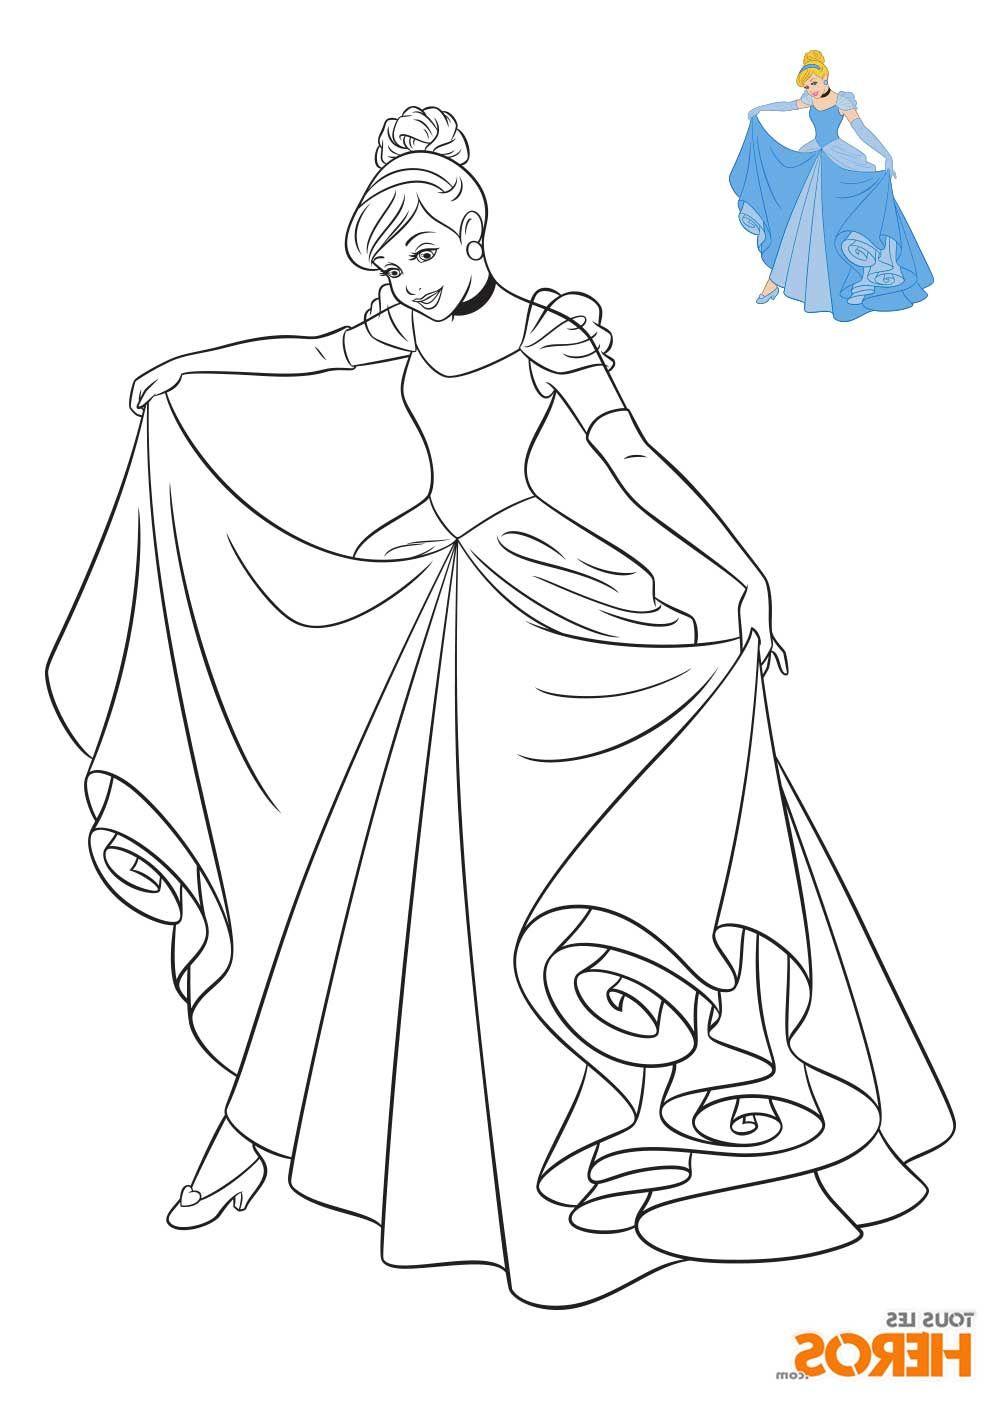 Coloriage Princesse Disney à imprimer en ligne en 2020 | Coloriage cendrillon, Coloriage disney ...